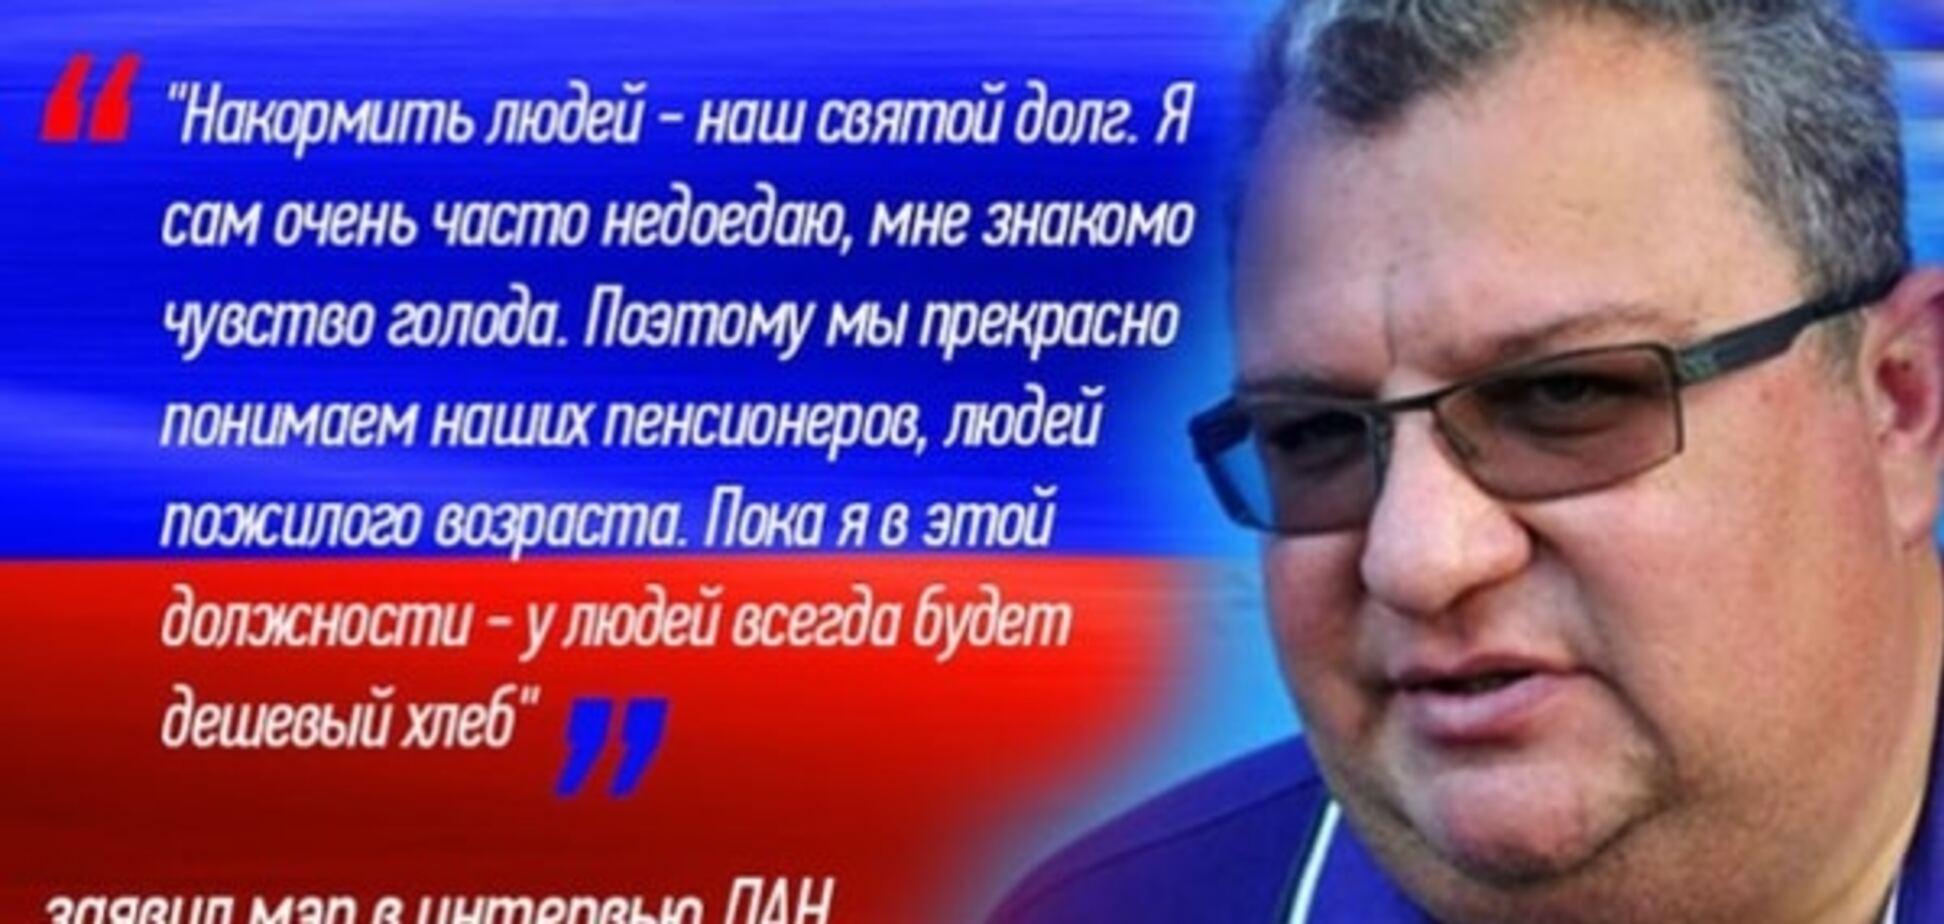 'Я сам часто недоедаю': упитанный главарь 'ДНР' пожаловался, что голодает